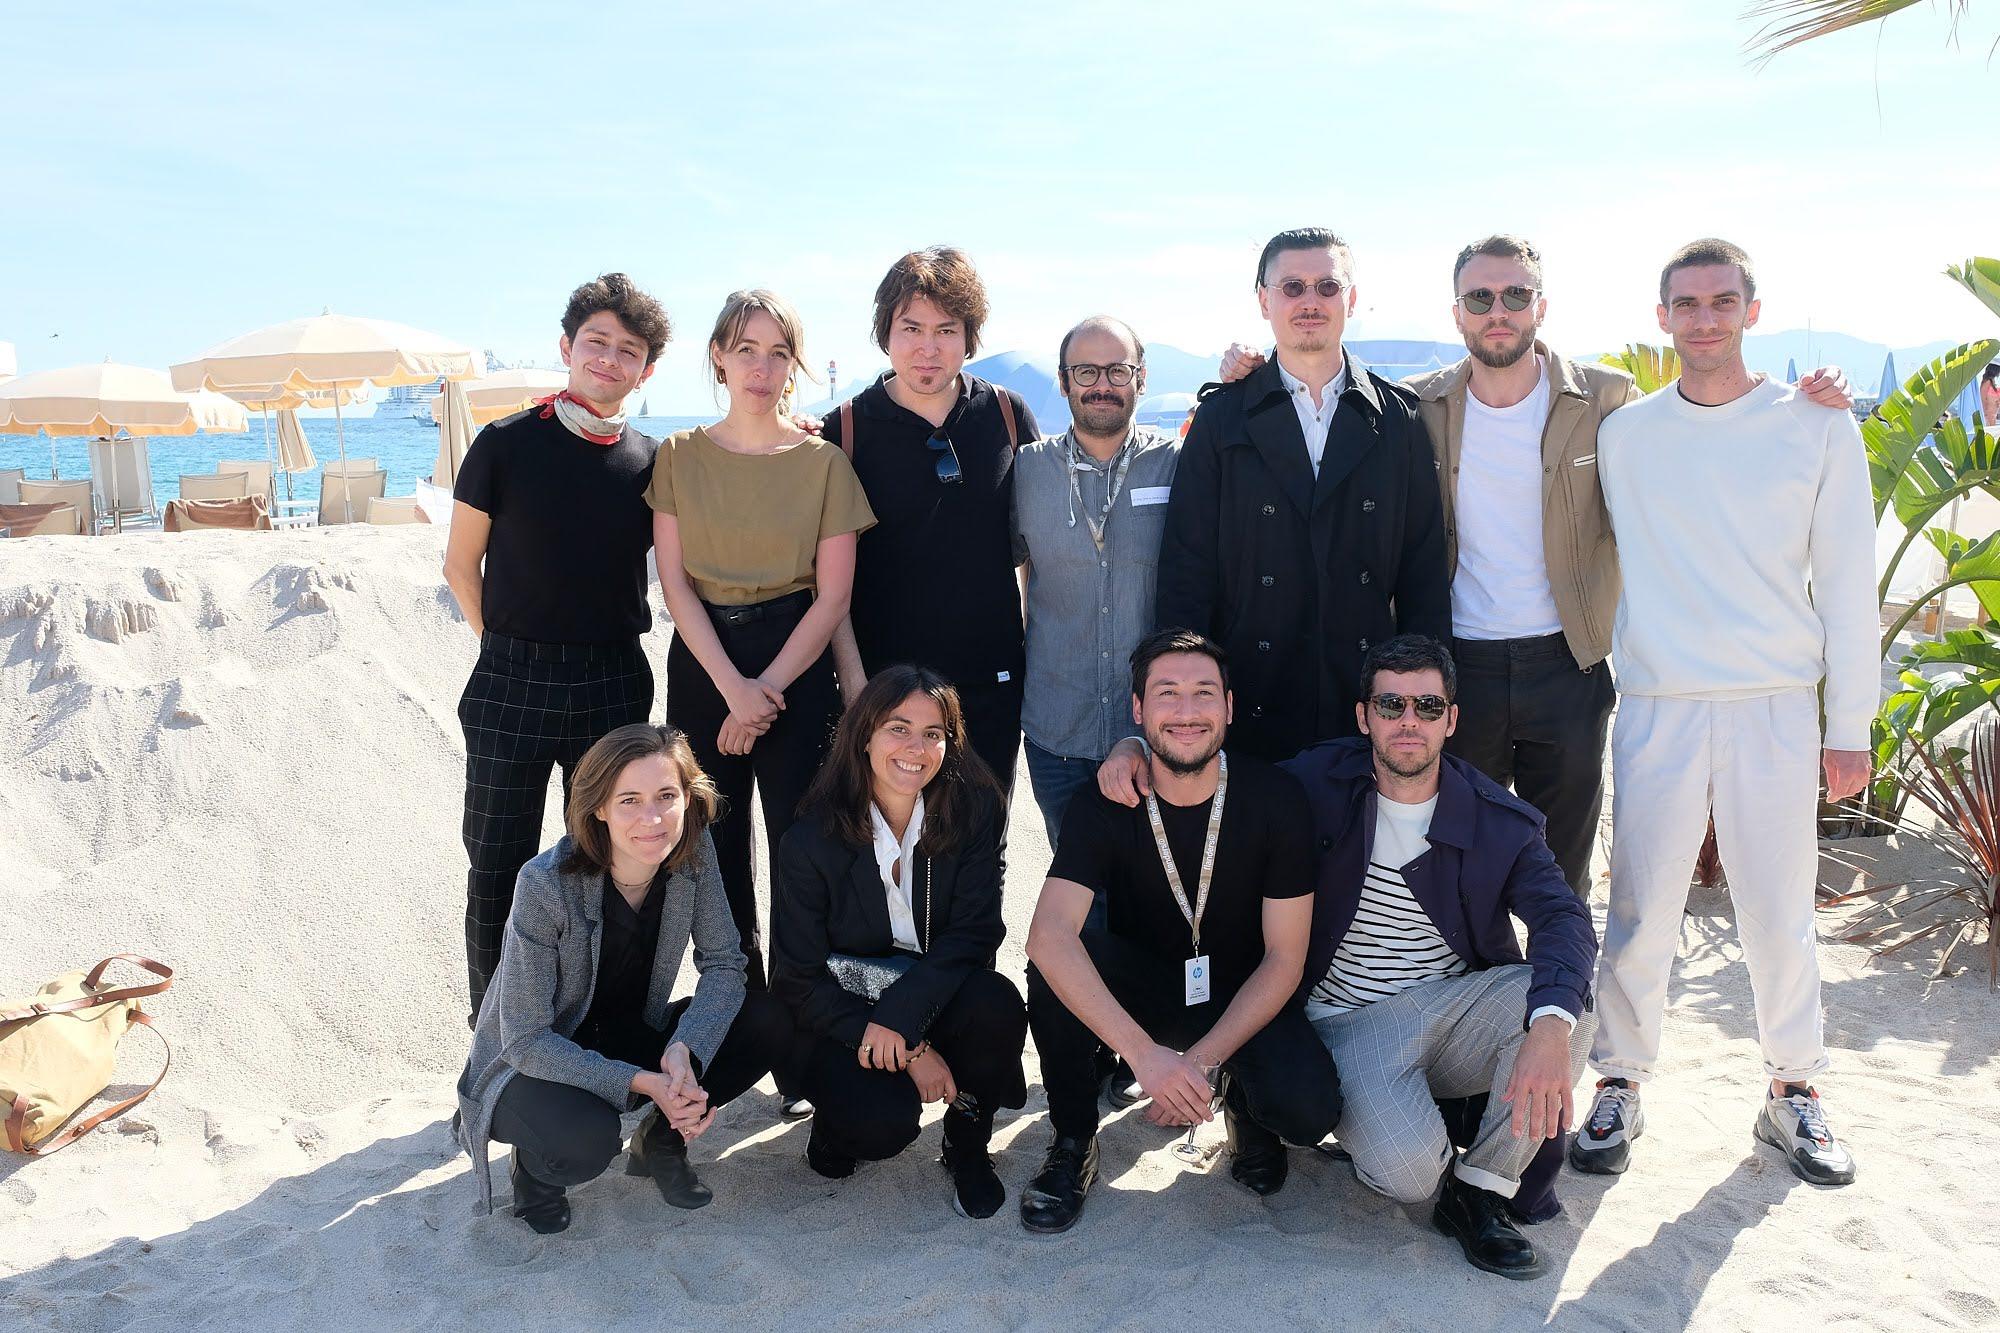 Les réalisateurs de La Résidence de la Cinéfondation (sessions automne 2018 et printemps 2019)  au pavillon du CNC sur la plage du Gray d'Albion à Cannes